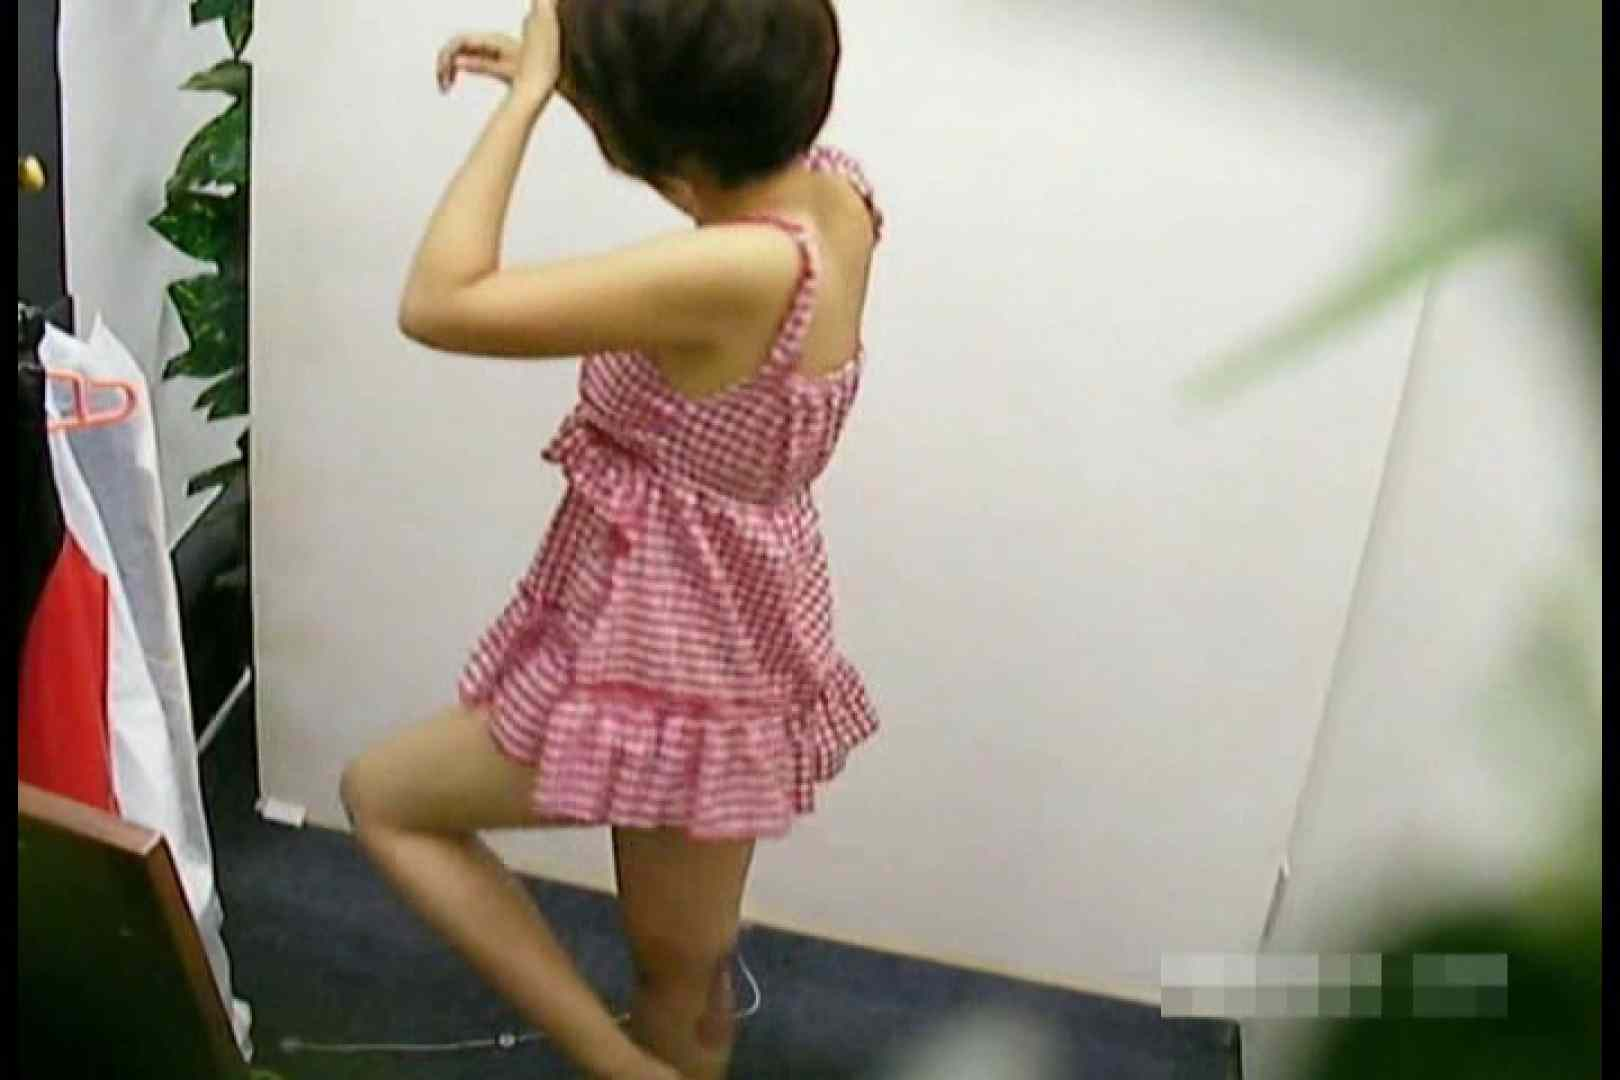 素人撮影 下着だけの撮影のはずが・・・エミちゃん18歳 隠撮 AV無料 95pic 40